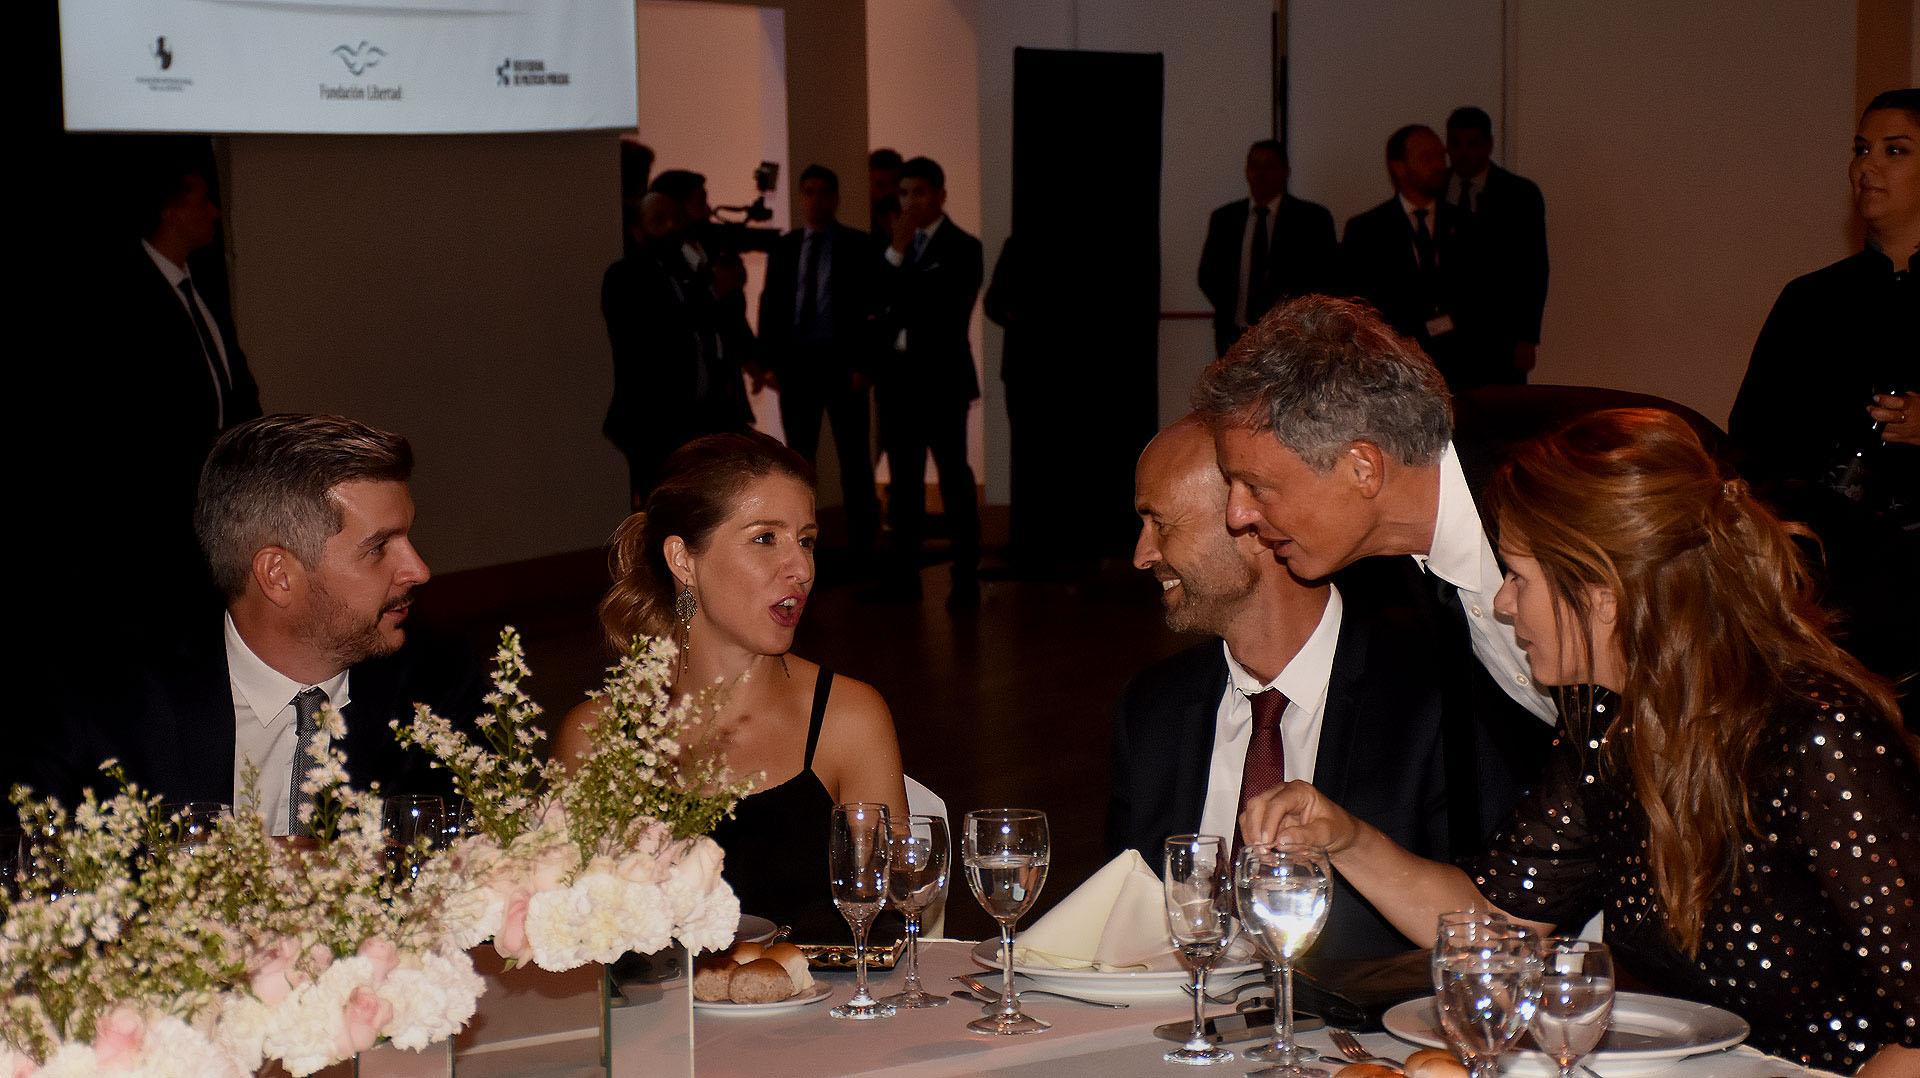 Marcos Peña y su mujer Luciana Mantero, junto a Guillermo Dietrich, su mujer Javiera Álvarez Echagüe, y Francisco Cabrera